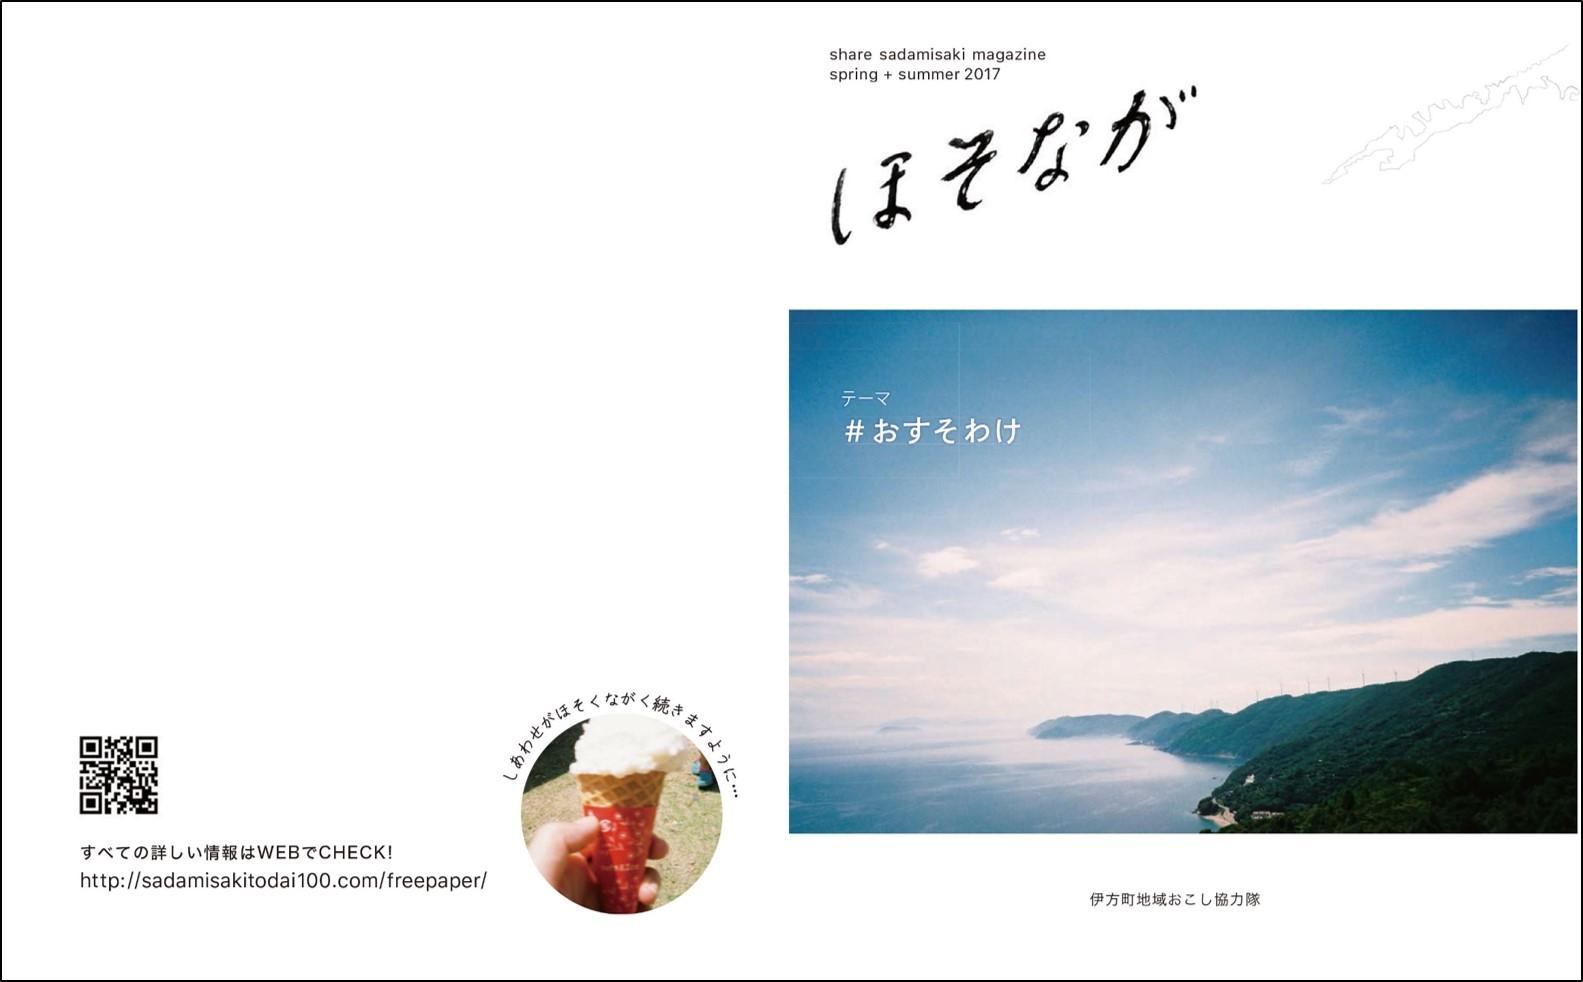 あなただけの佐田岬を見つけませんか?!佐田岬フリーペーパー「ほそなが」が創刊されました!